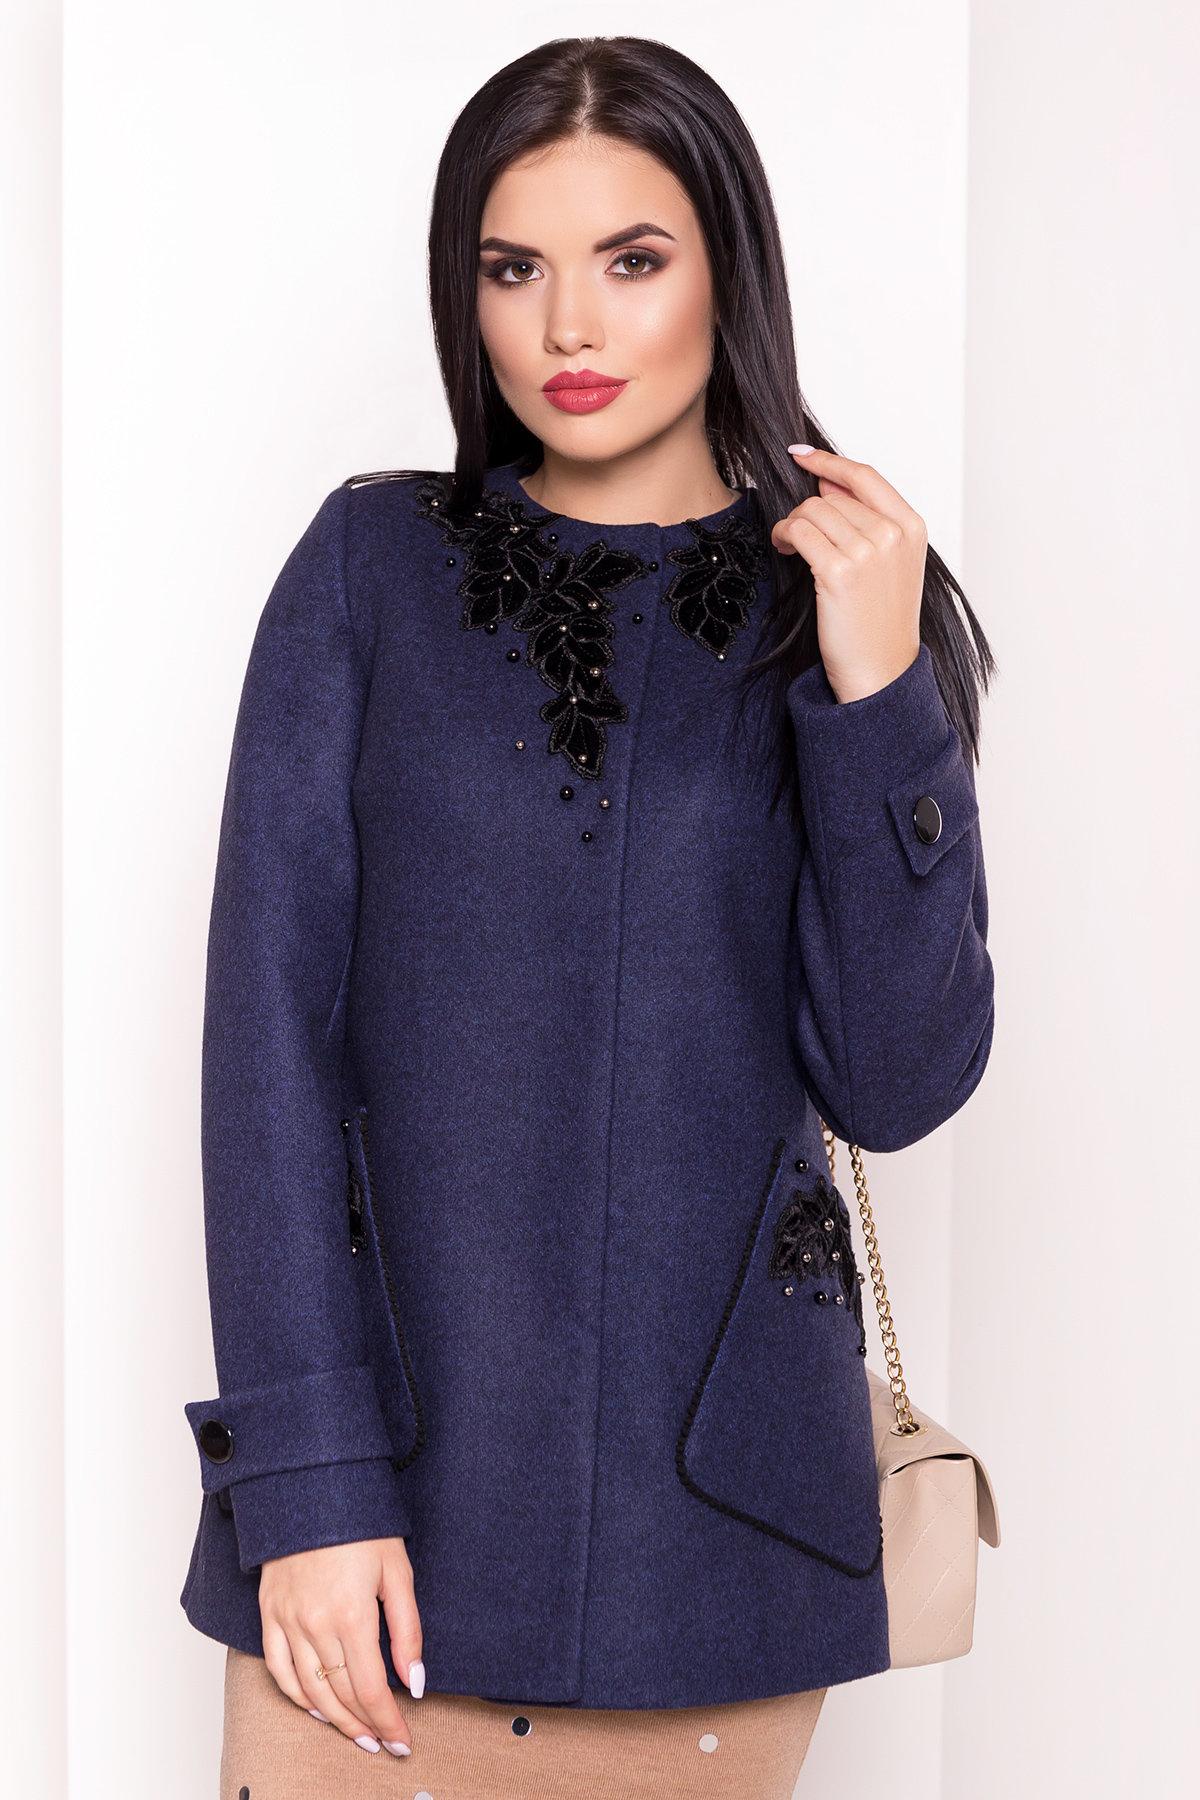 Укороченное пальто-трапеция с вышивкой Латта 5526 АРТ. 37721 Цвет: Синий 1 - фото 4, интернет магазин tm-modus.ru